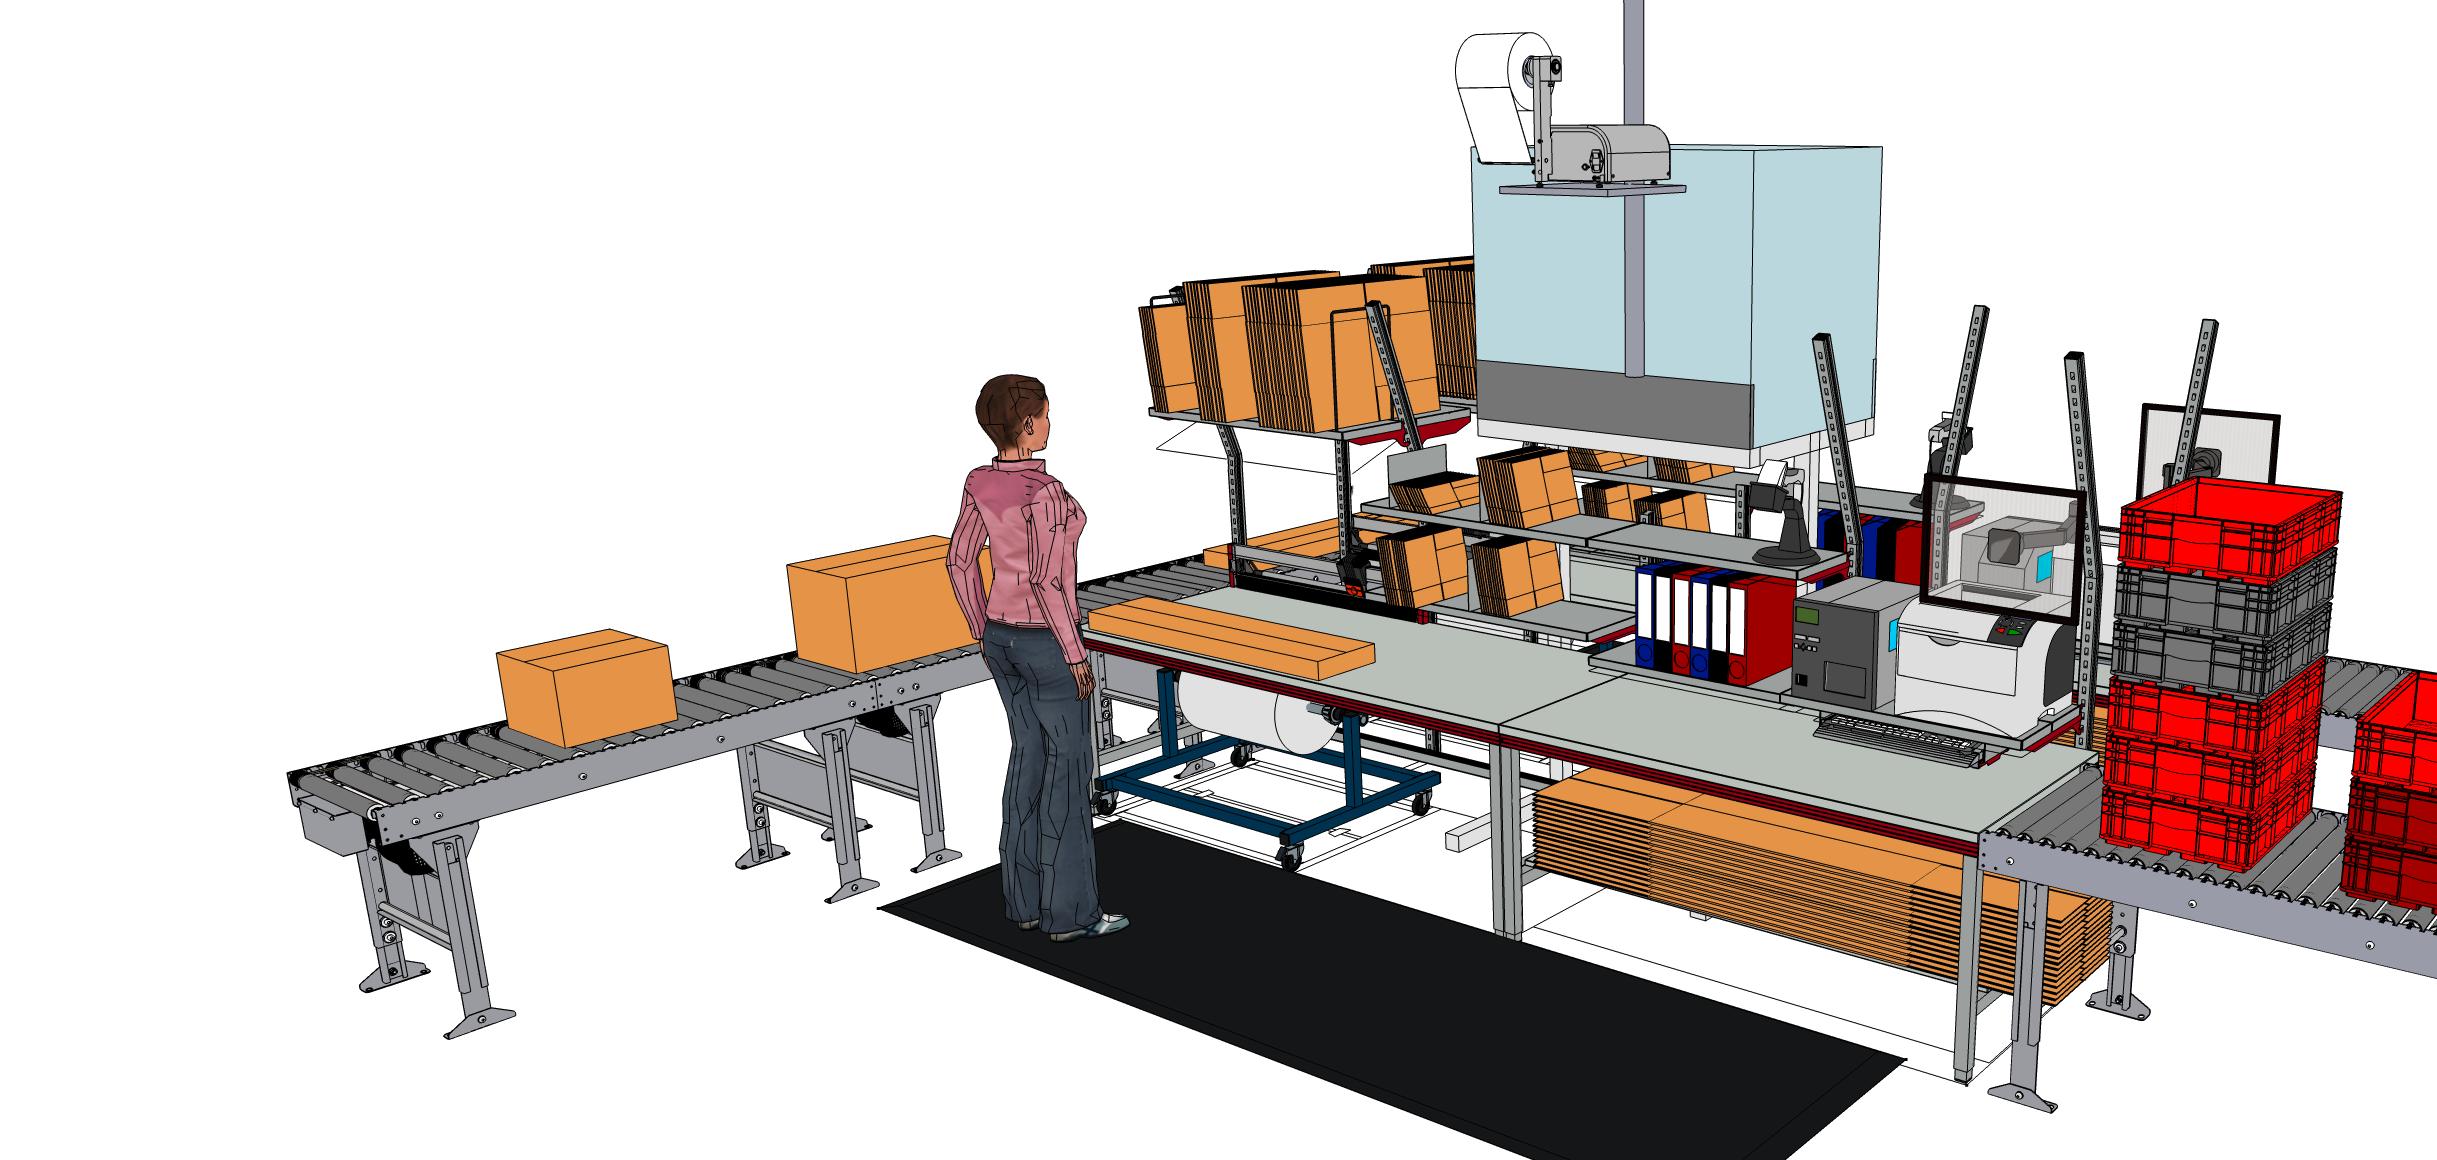 Abbildung: Packtisch mit Silo und Fördertechnik